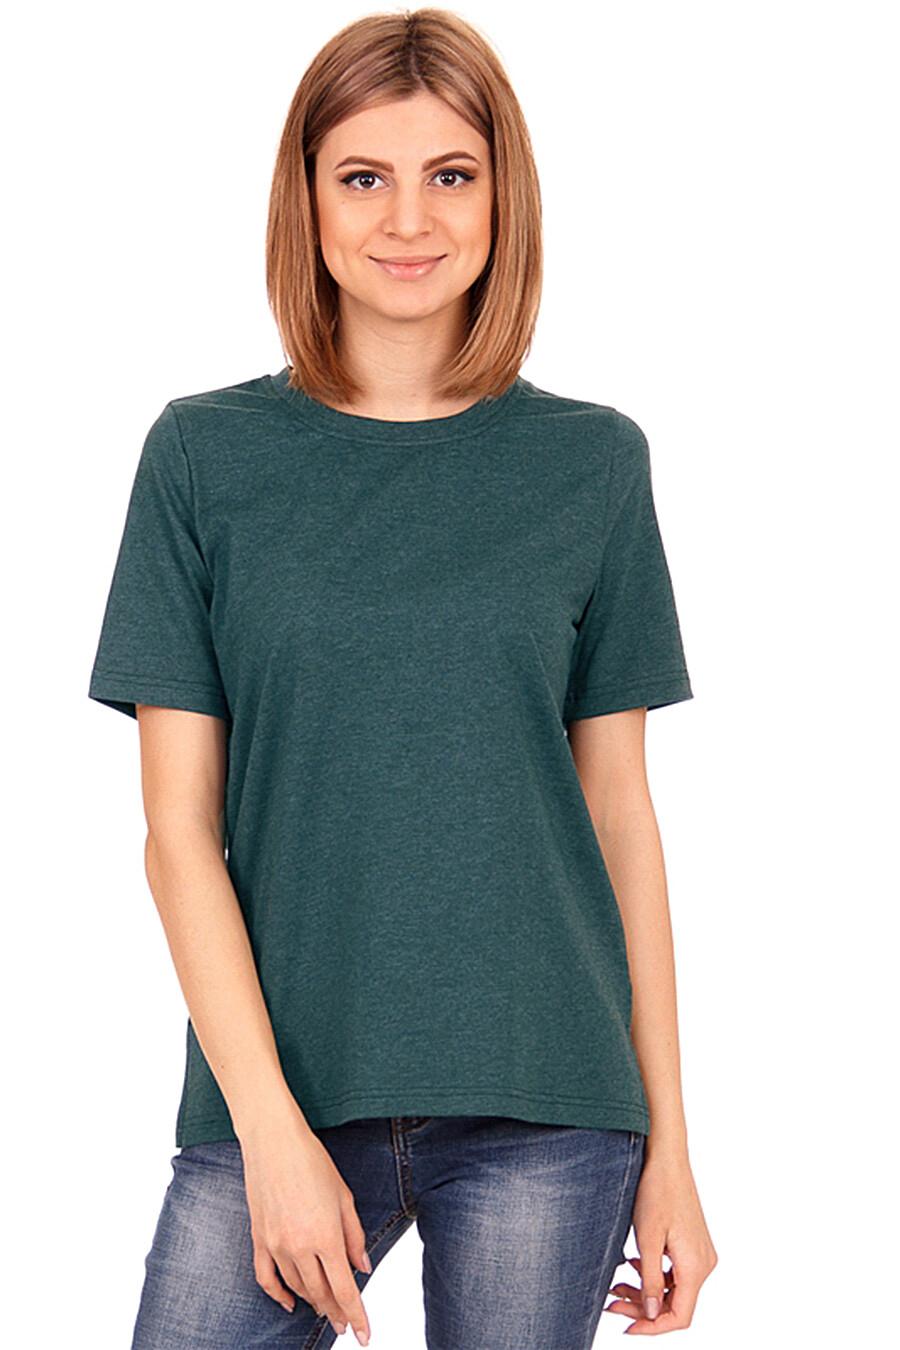 Джемпер для женщин Archi 130612 купить оптом от производителя. Совместная покупка женской одежды в OptMoyo